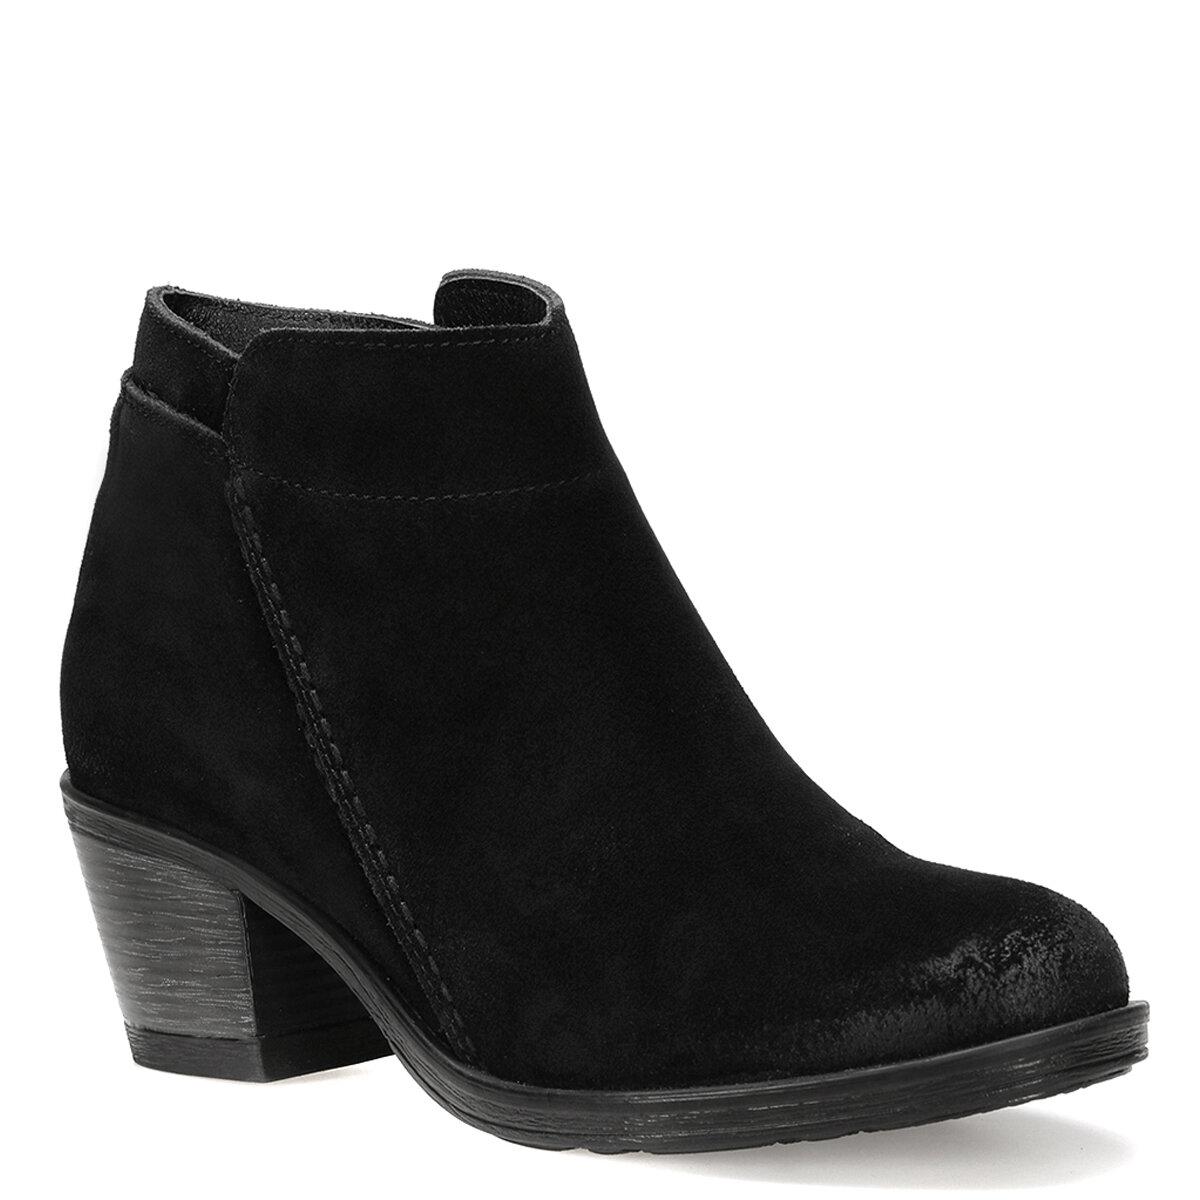 BOLCI Siyah Kadın Topuklu Ayakkabı